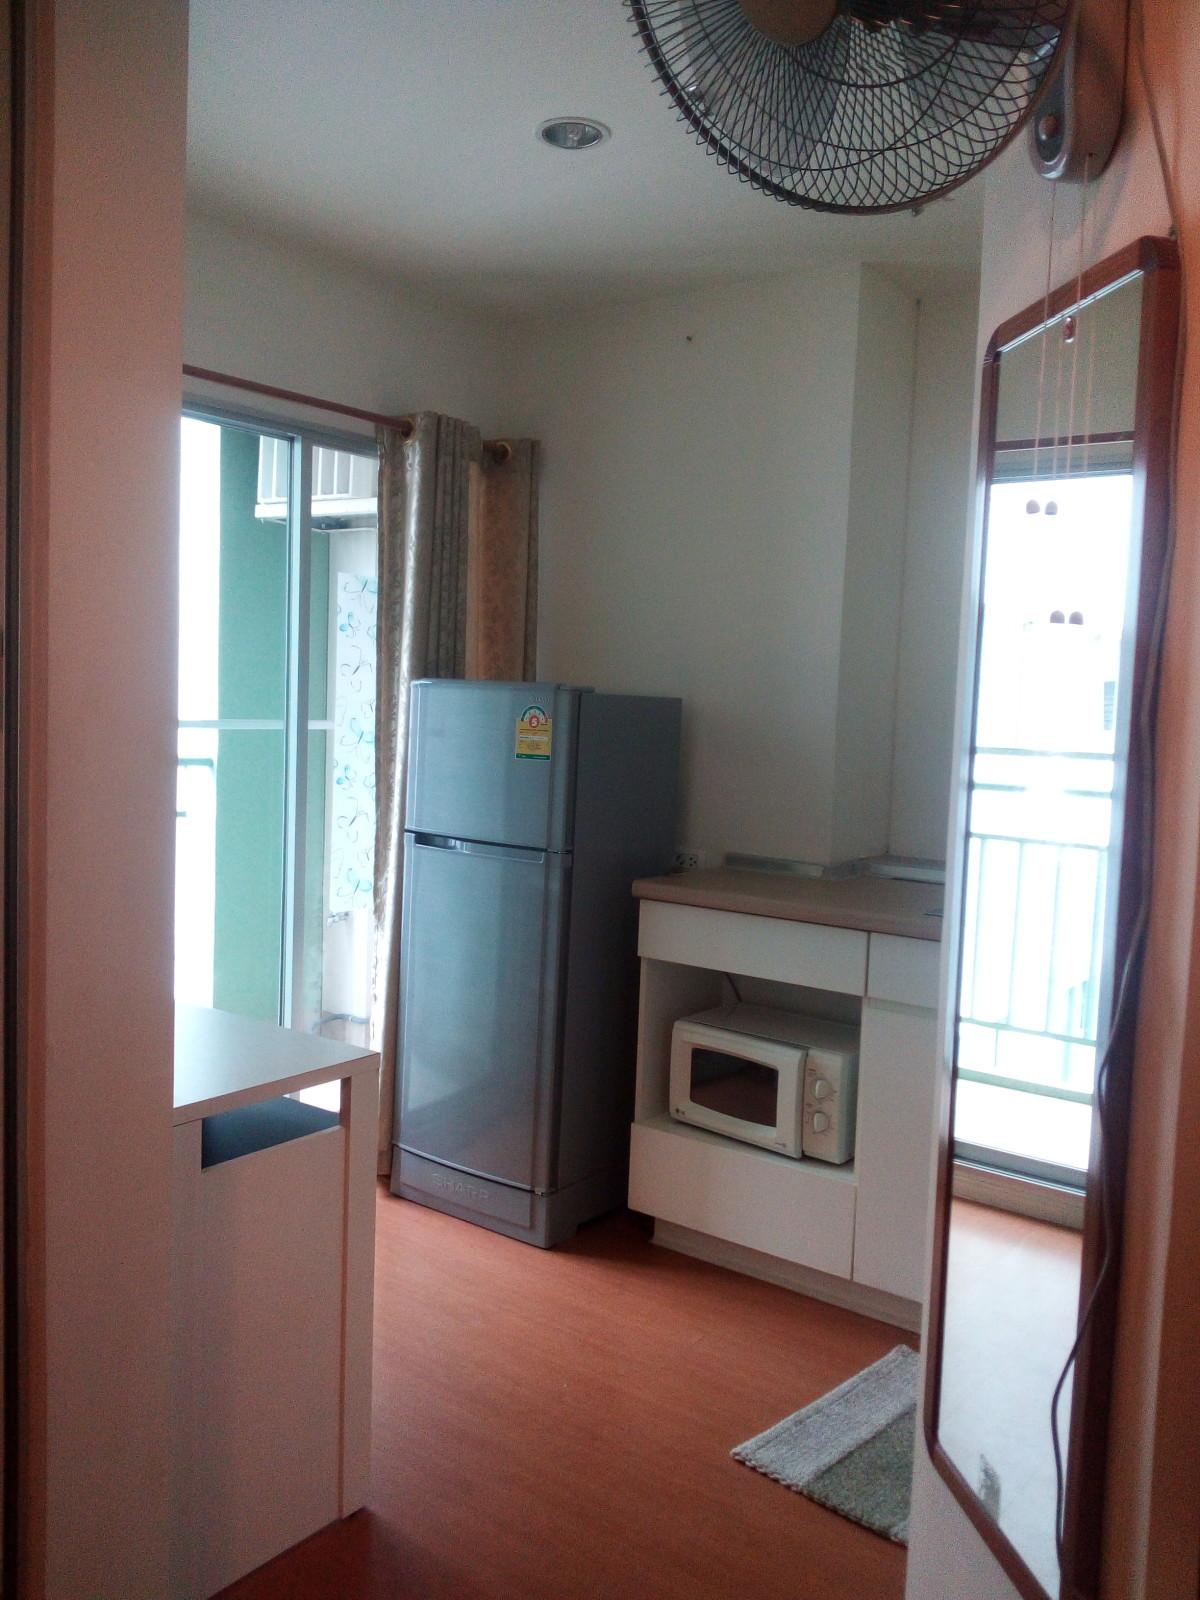 รูปของประกาศขายคอนโดลุมพินี เมกะซิตี้-บางนา(1 ห้องนอน)(1)